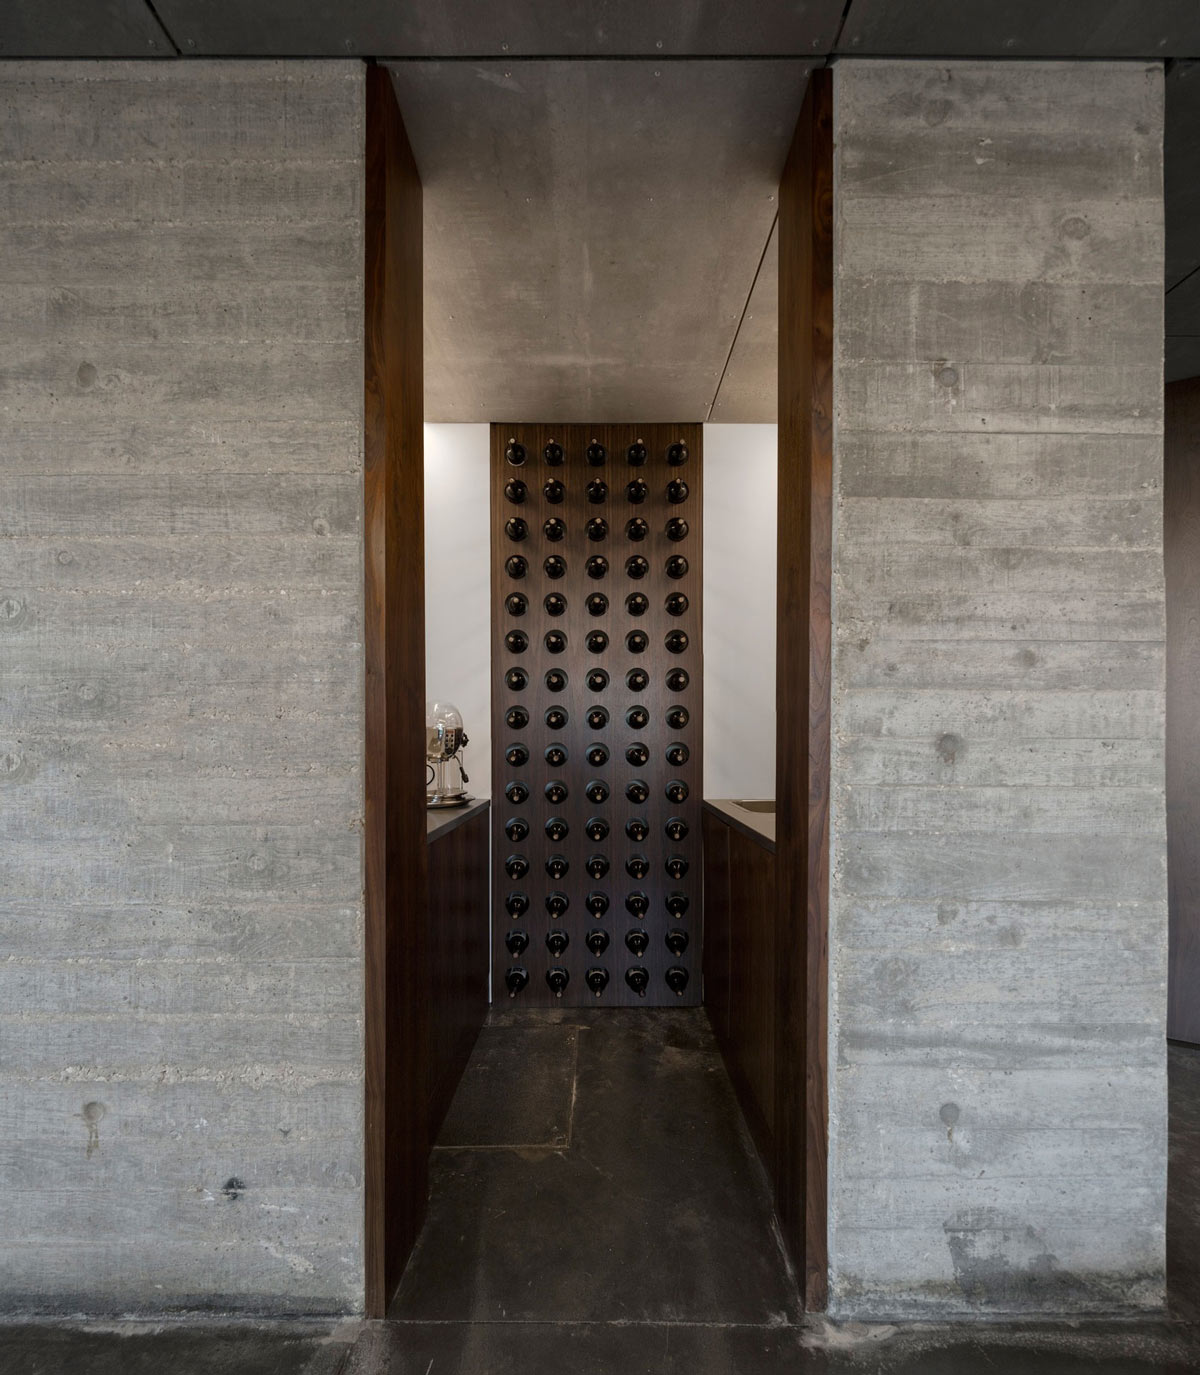 Wine Room, Concrete Floors, C+P House in Lisbon, Portugal by Gonçalo das Neves Nunes